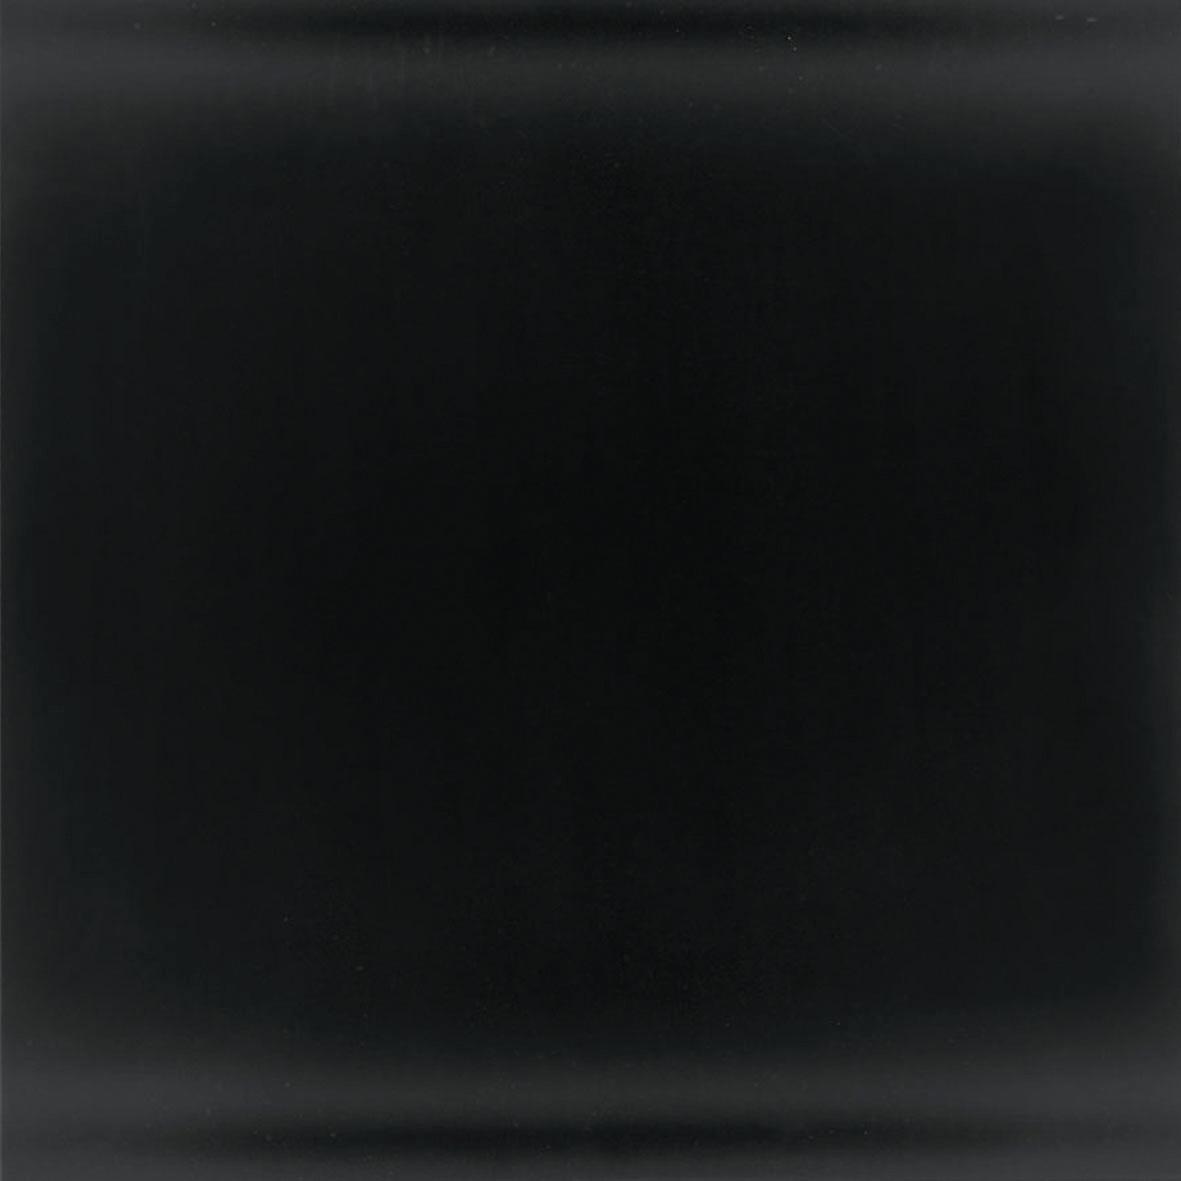 02 Vetro NERO opaco